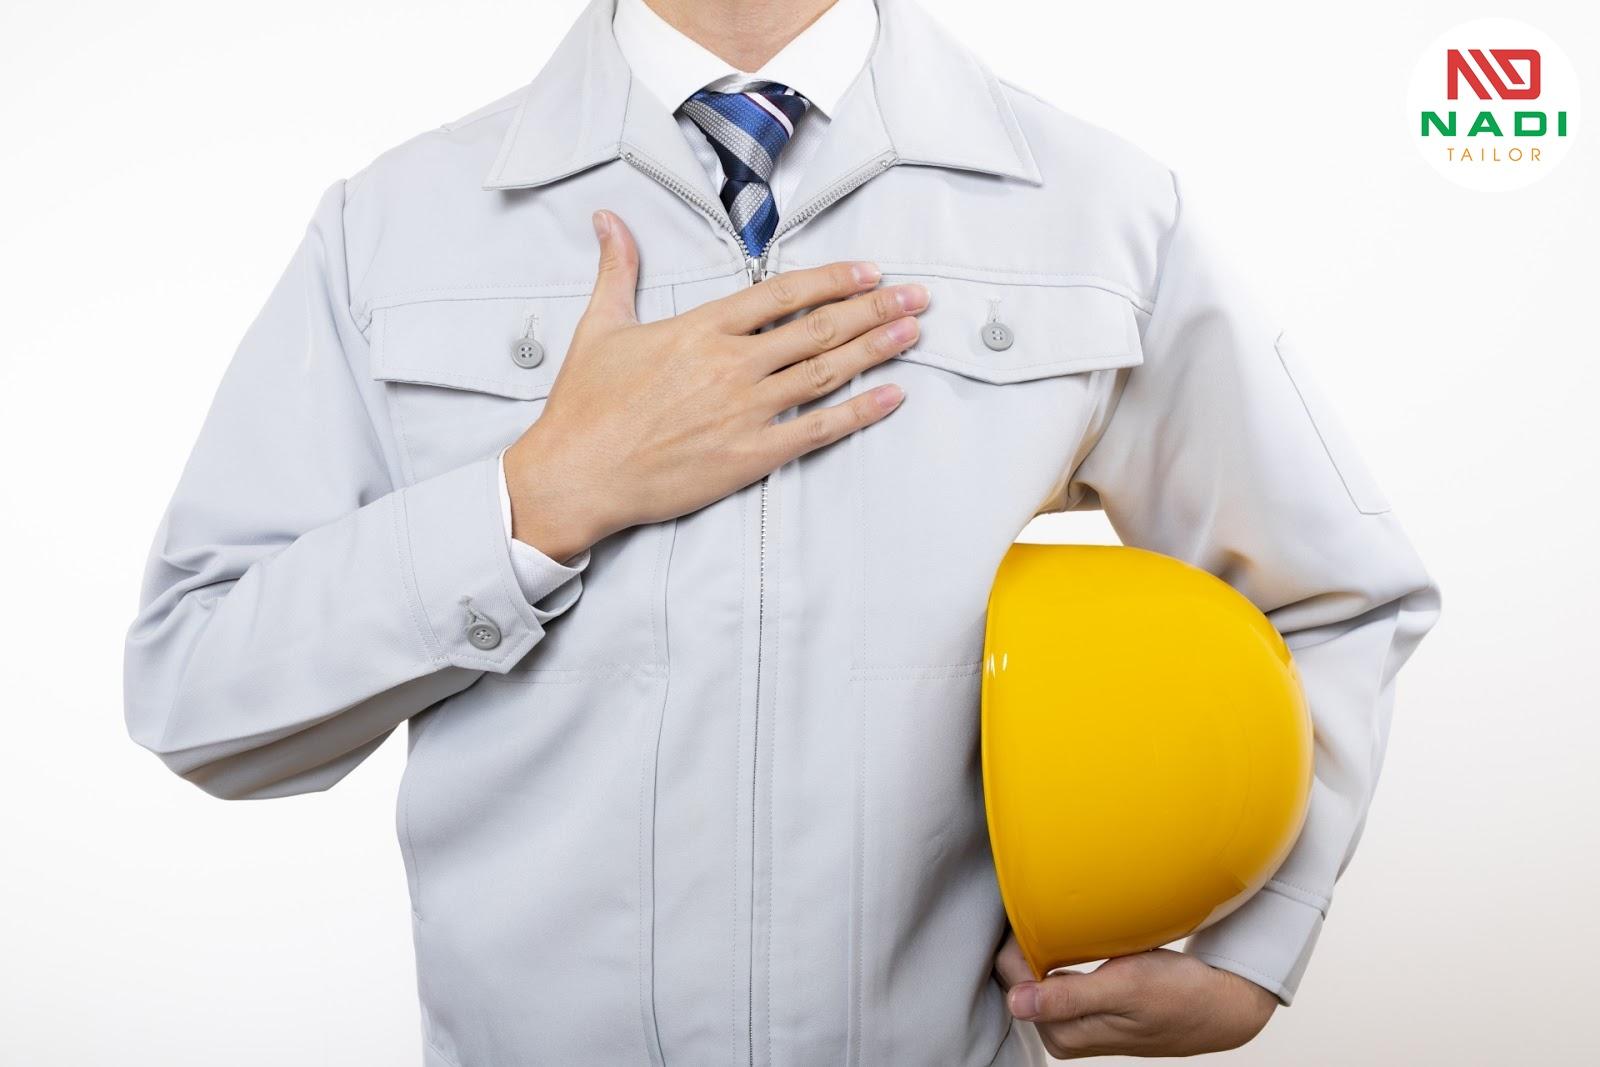 Sợi Polyester có phải là chất liệu để làm quần áo bảo hộ kỹ sư?